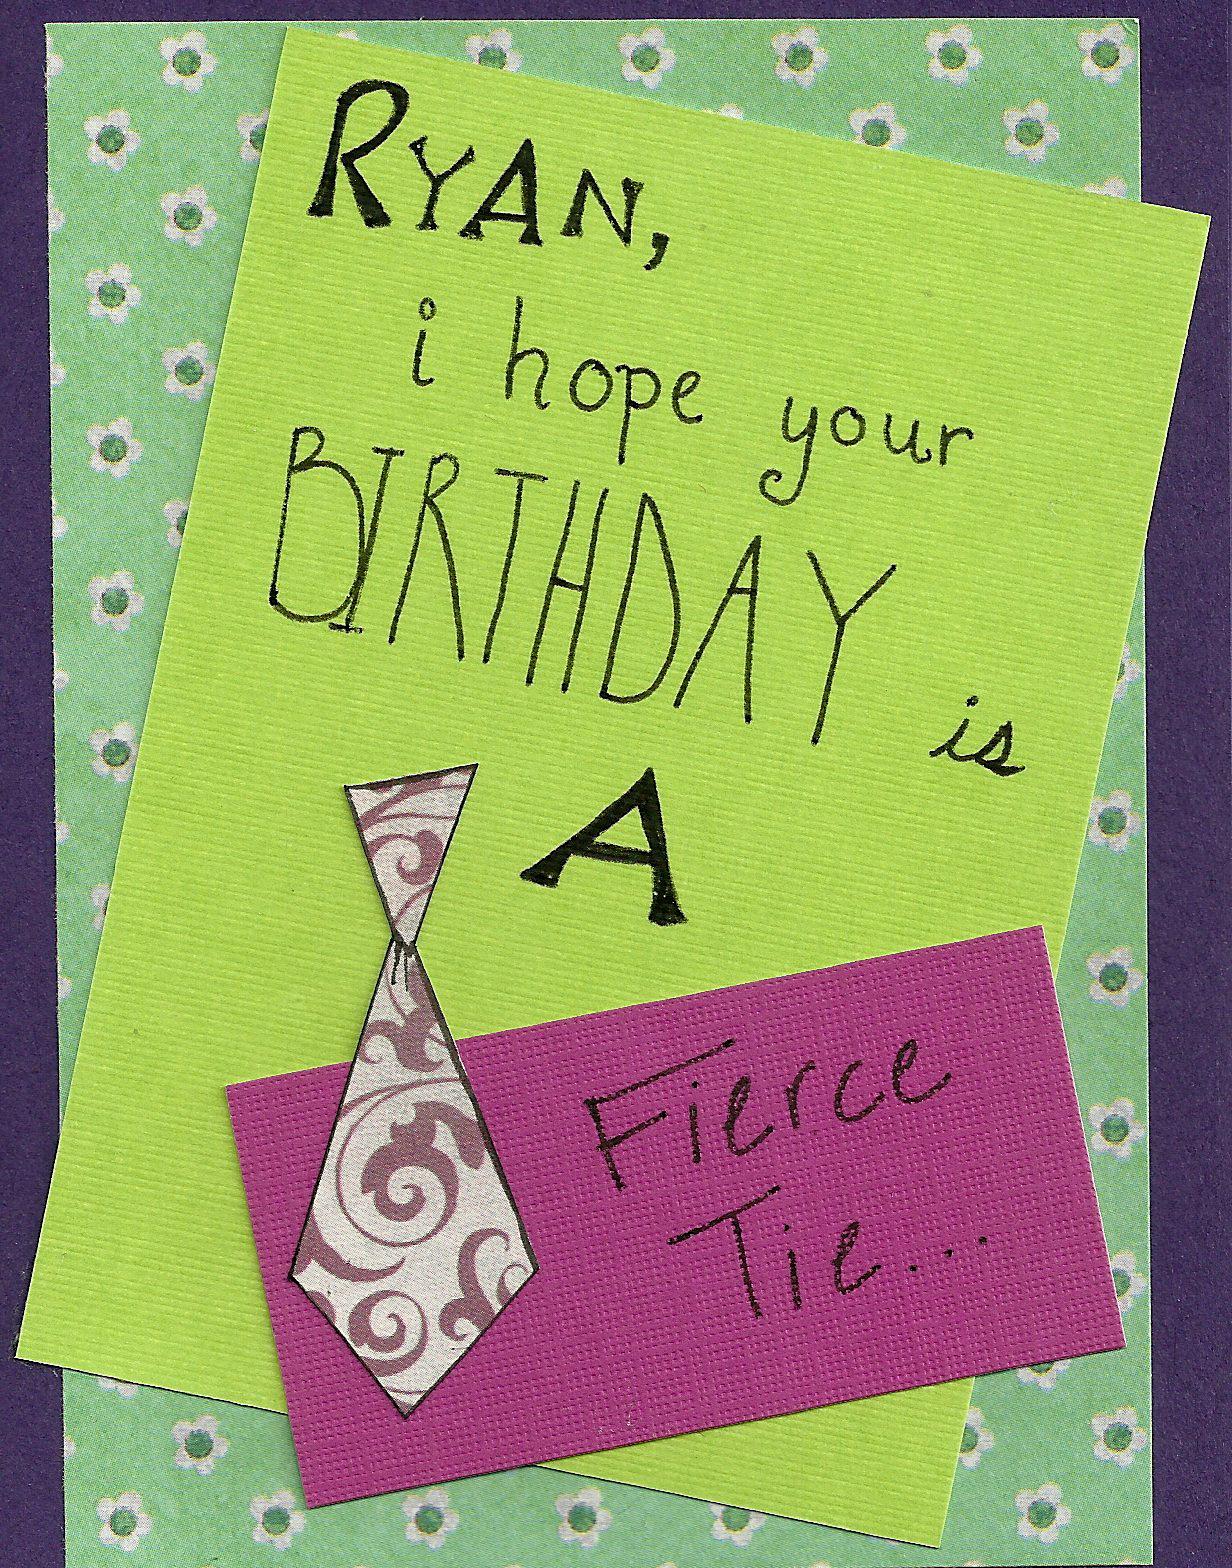 Debbie Dots Greeting Card Blog Tie Metaphor Birthday